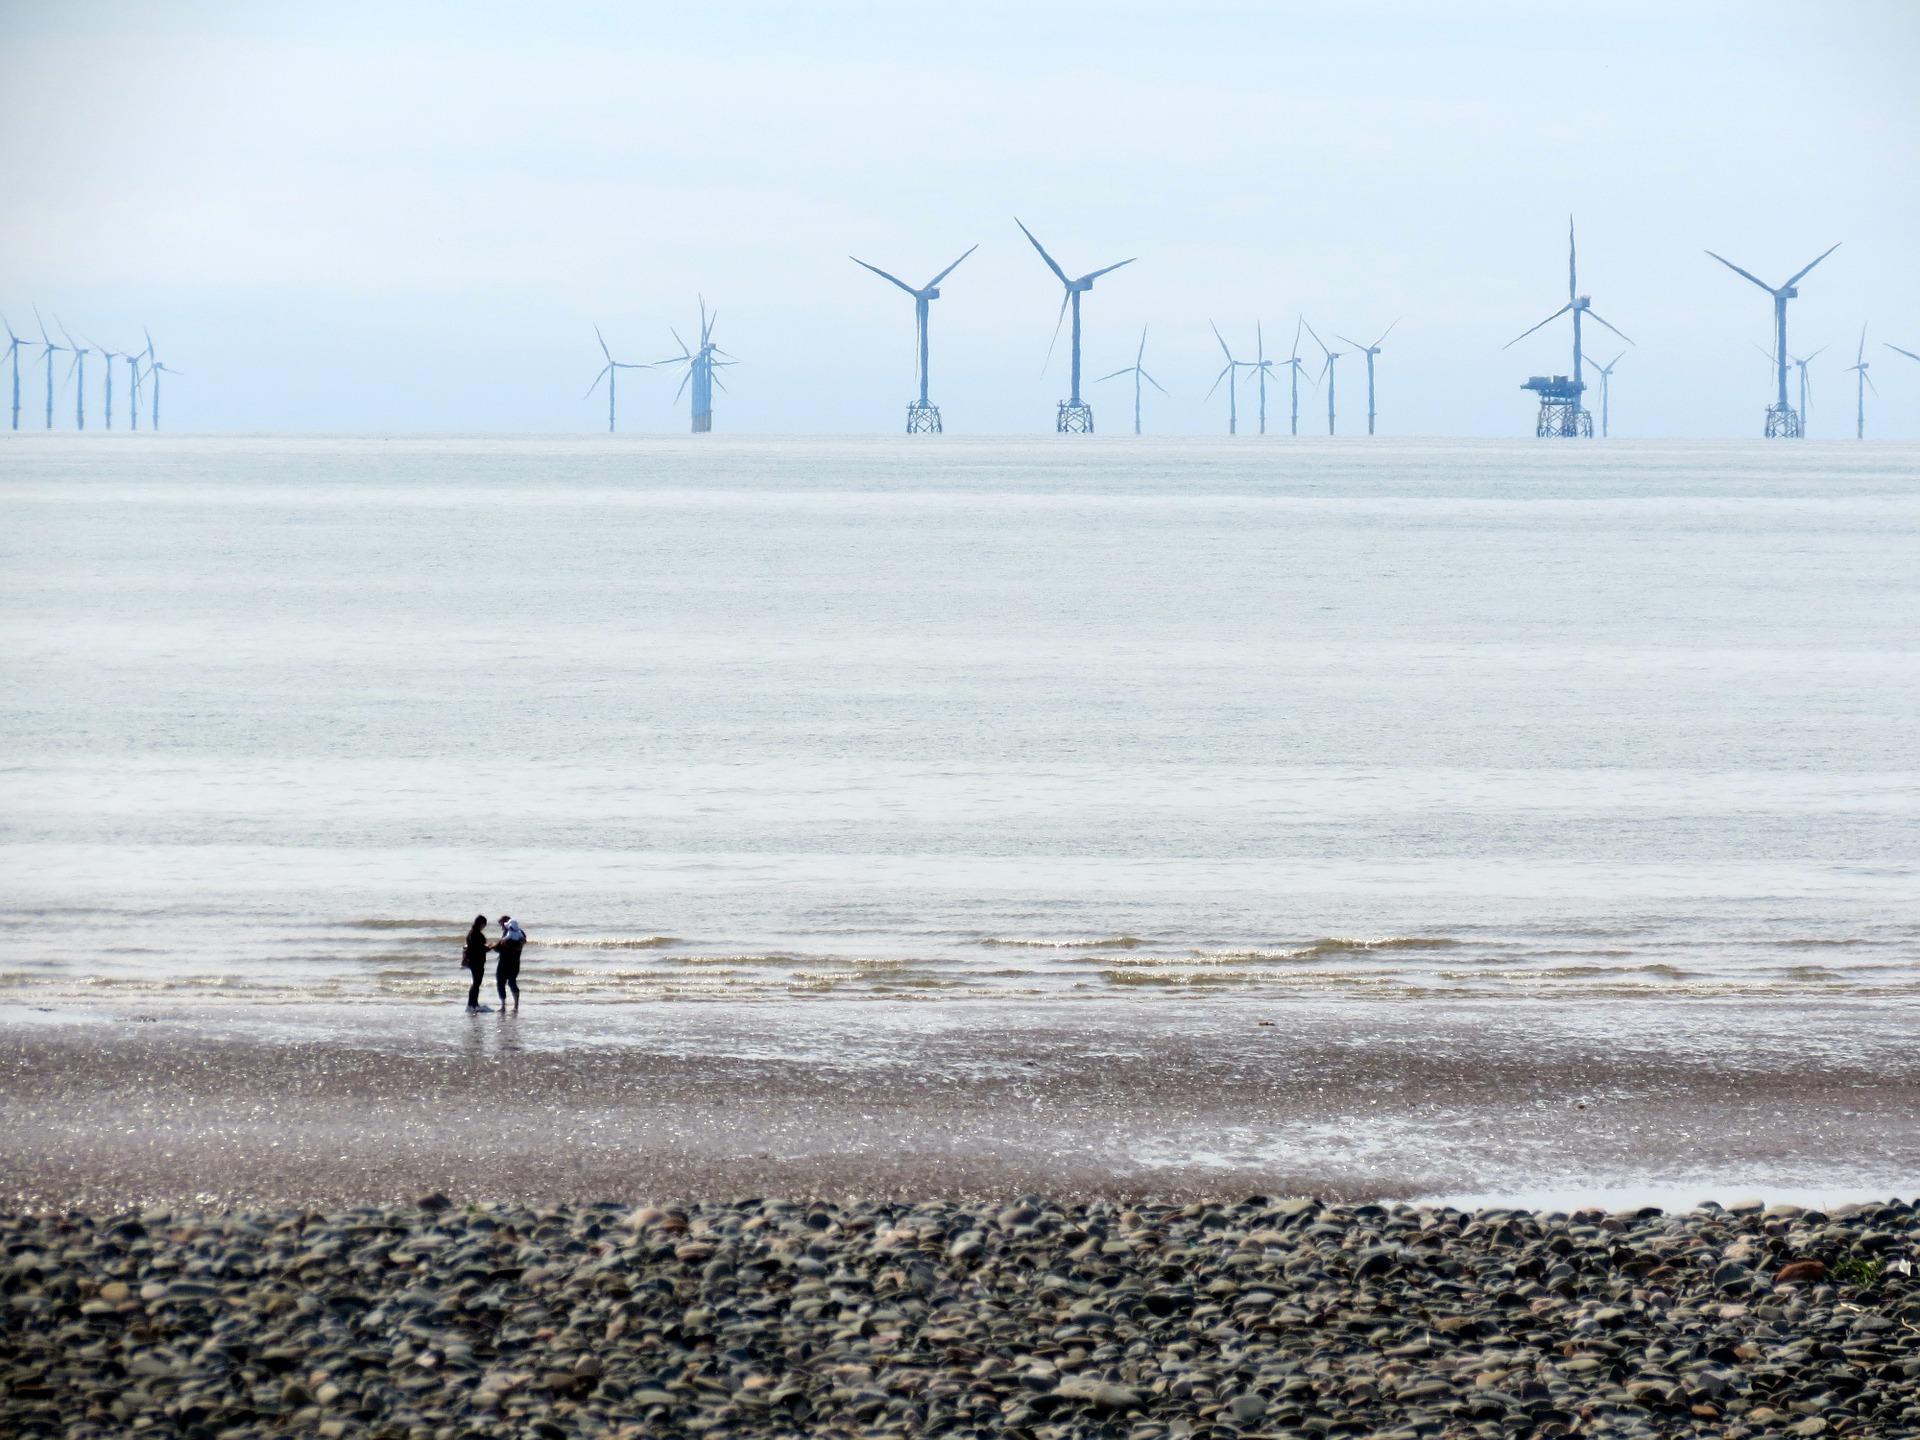 Wind Energy Coastal Region